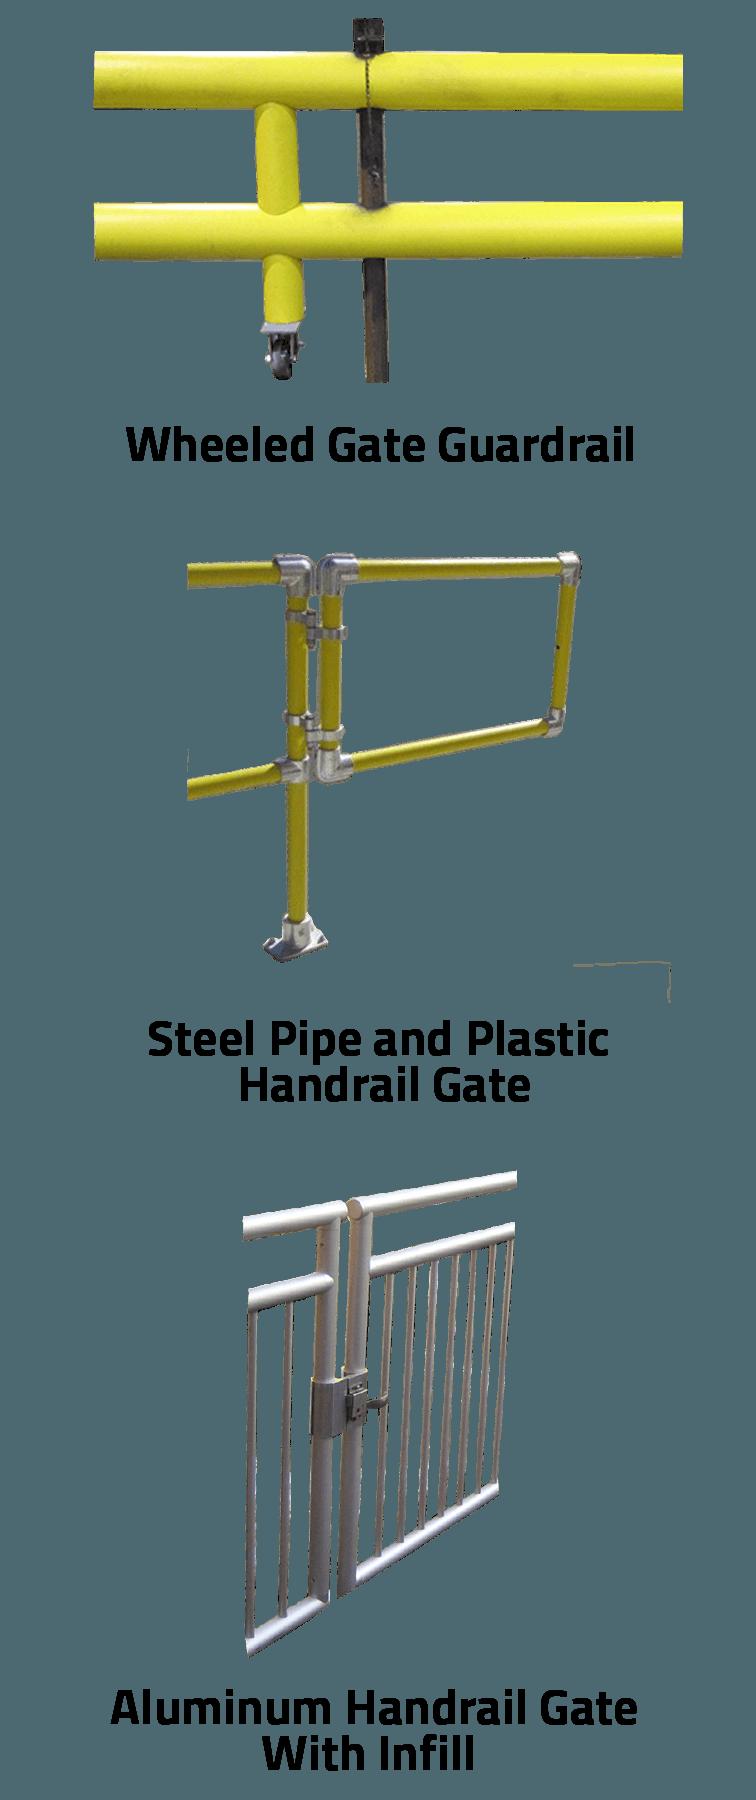 Gated Railing Options